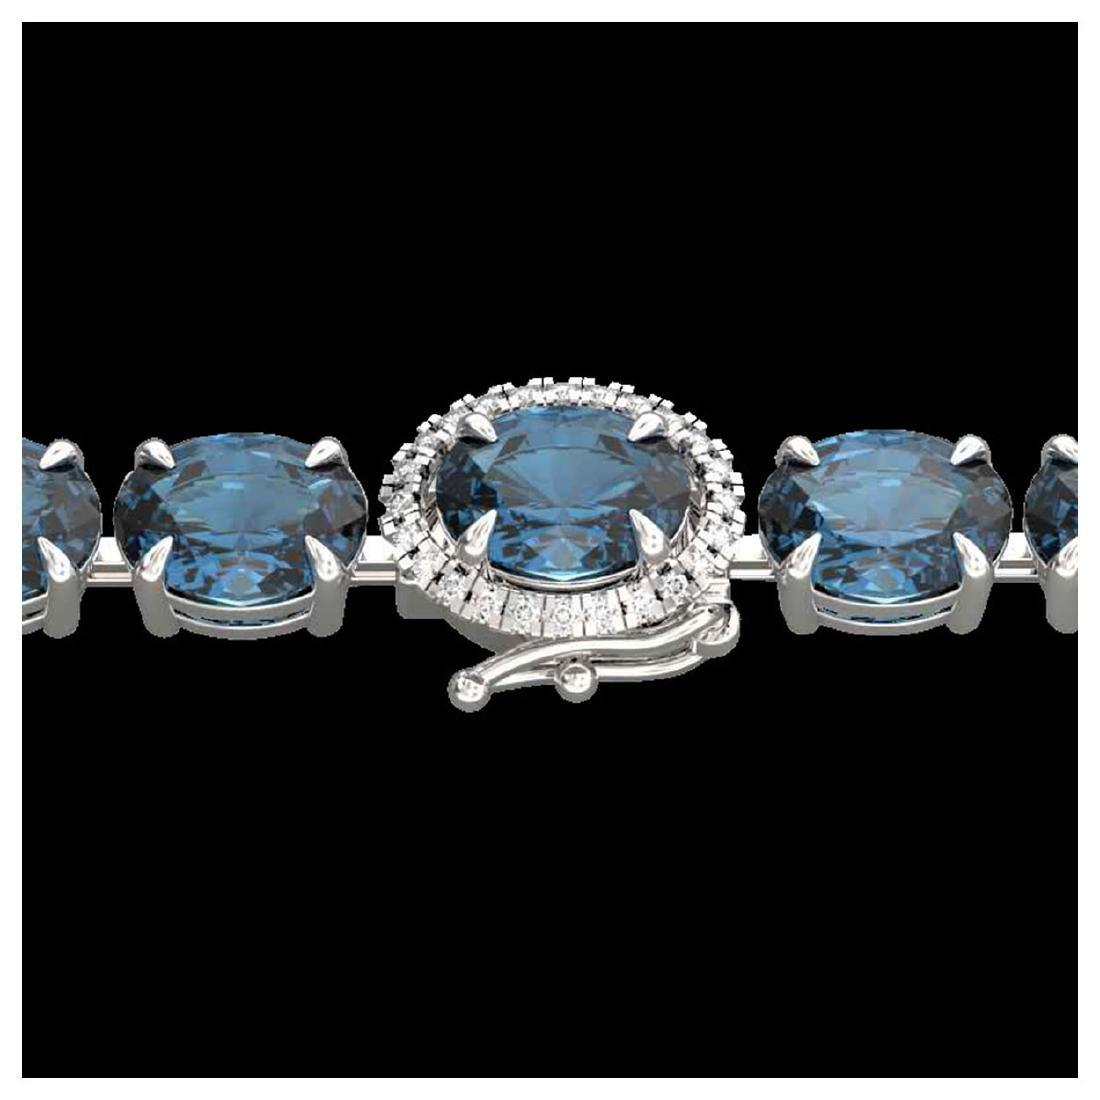 36 ctw London Blue Topaz & VS/SI Diamond Bracelet 14K